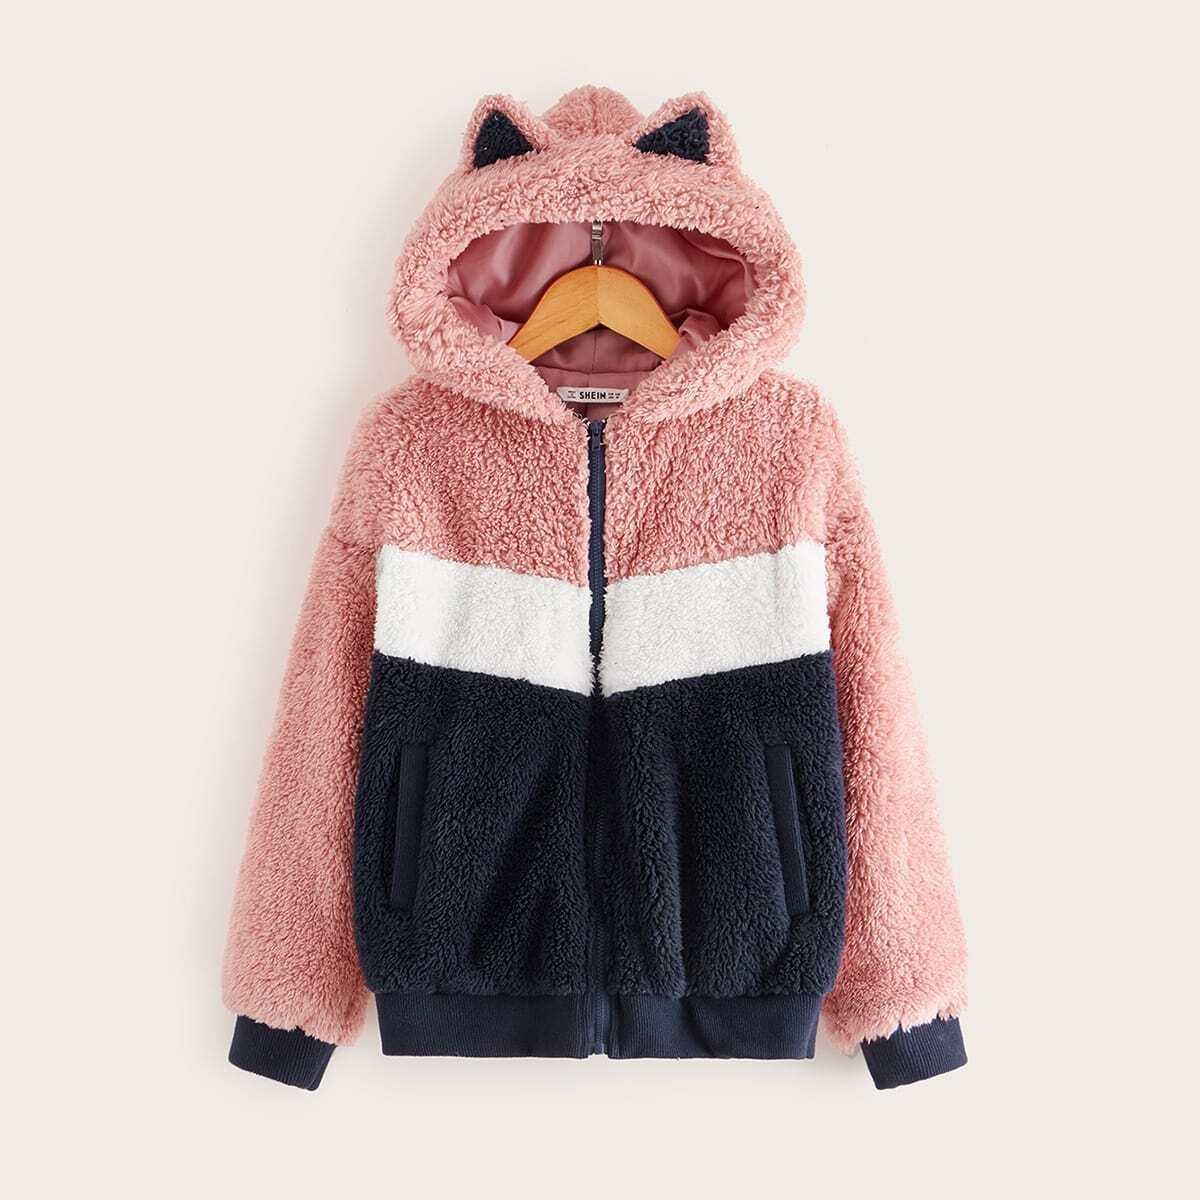 Контрастная плюшевая куртка на молнии с ушами для девочек от SHEIN